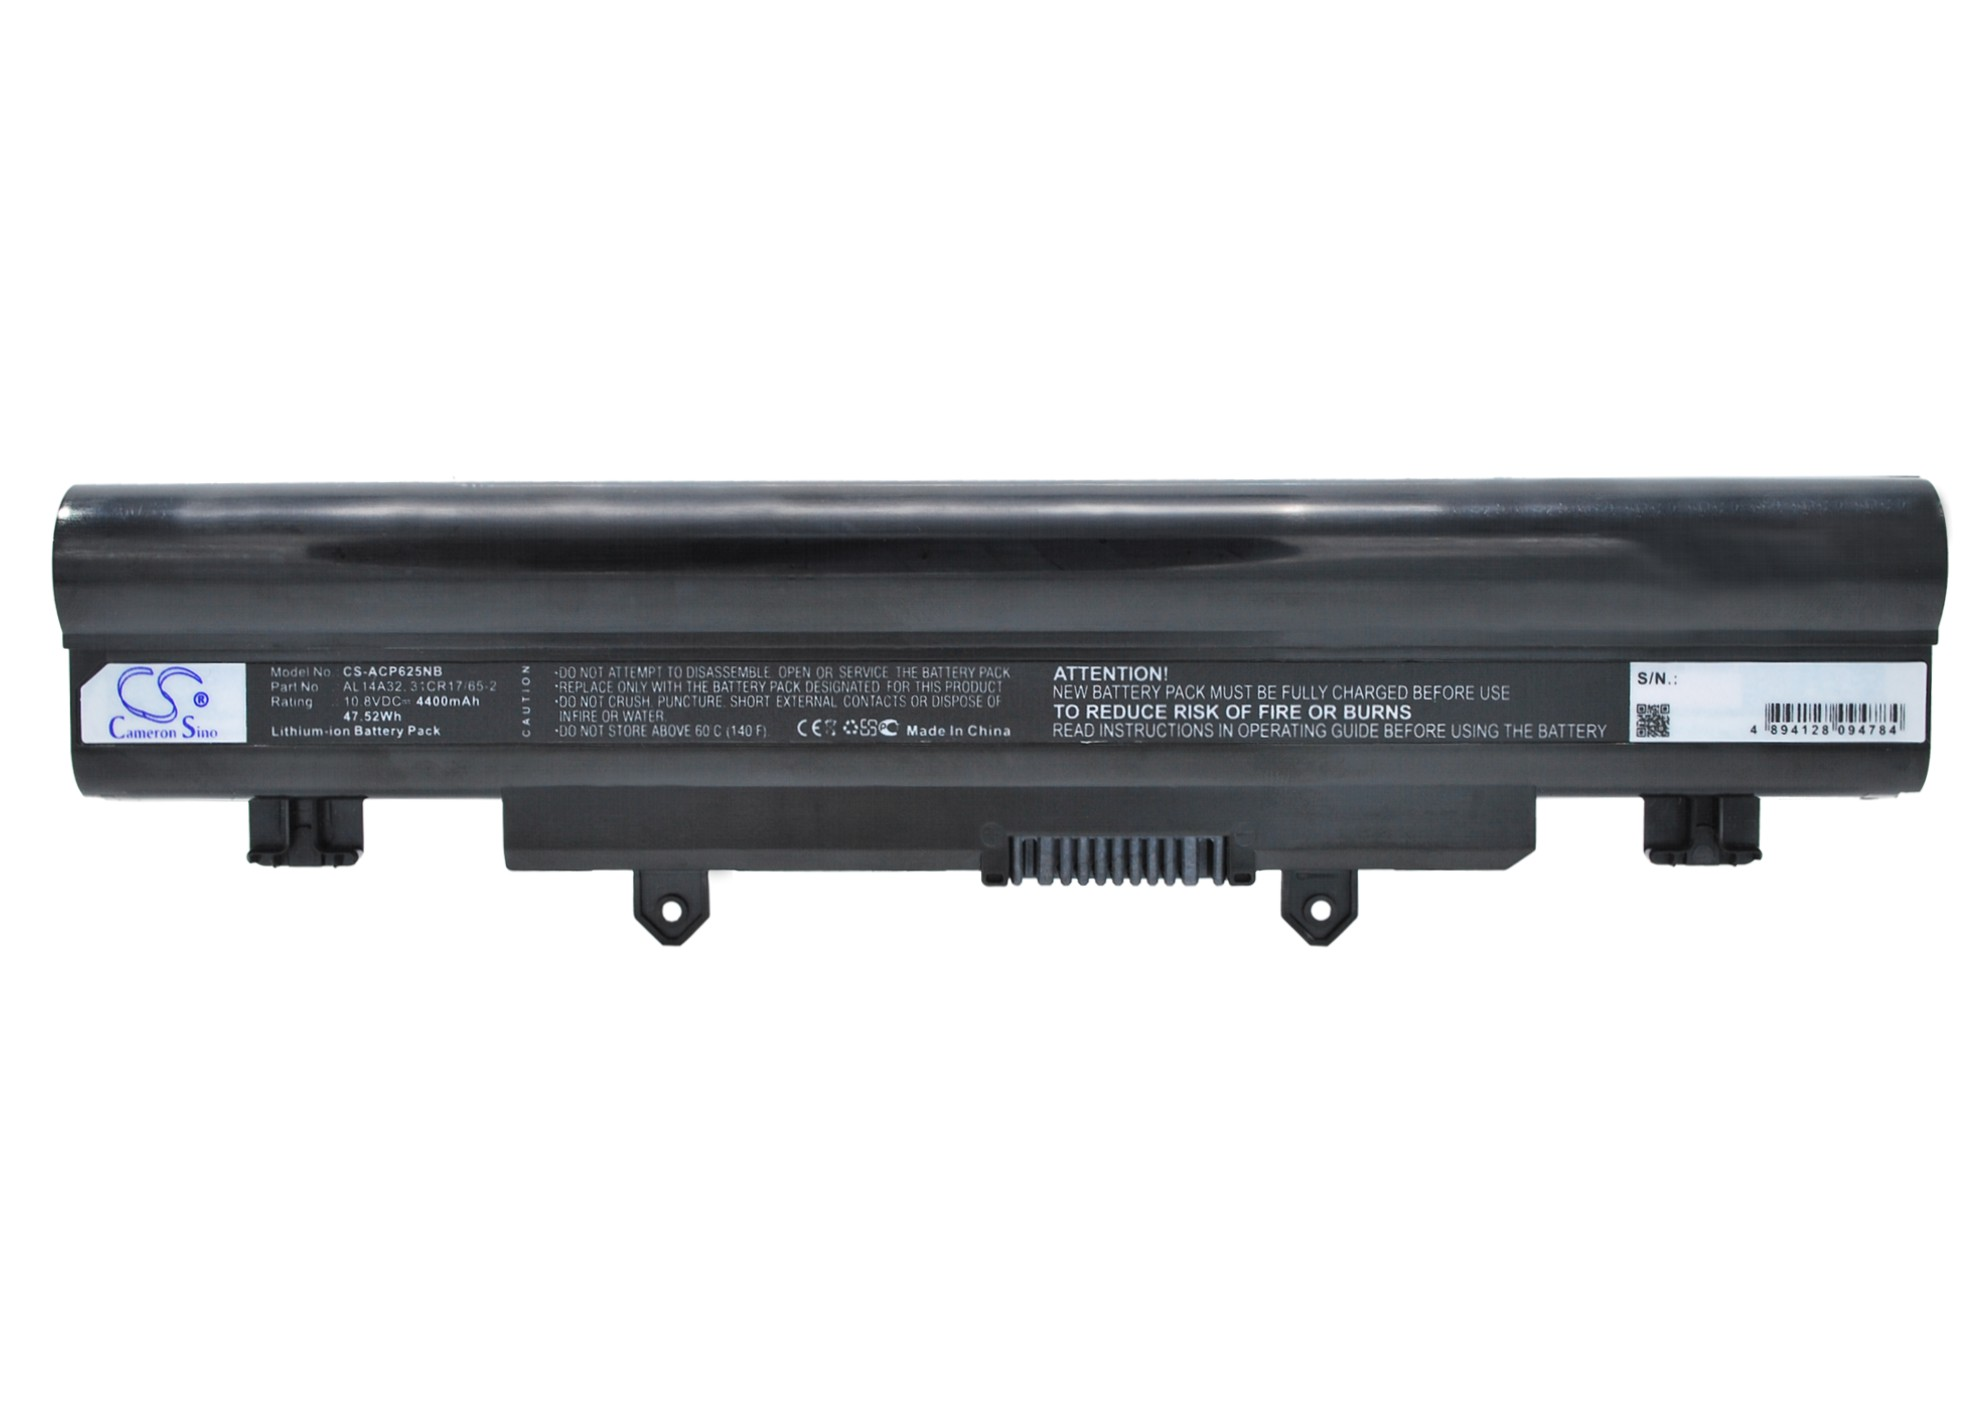 Cameron Sino baterie do notebooků pro ACER Aspire V3-472 10.8V Li-ion 4400mAh černá - neoriginální